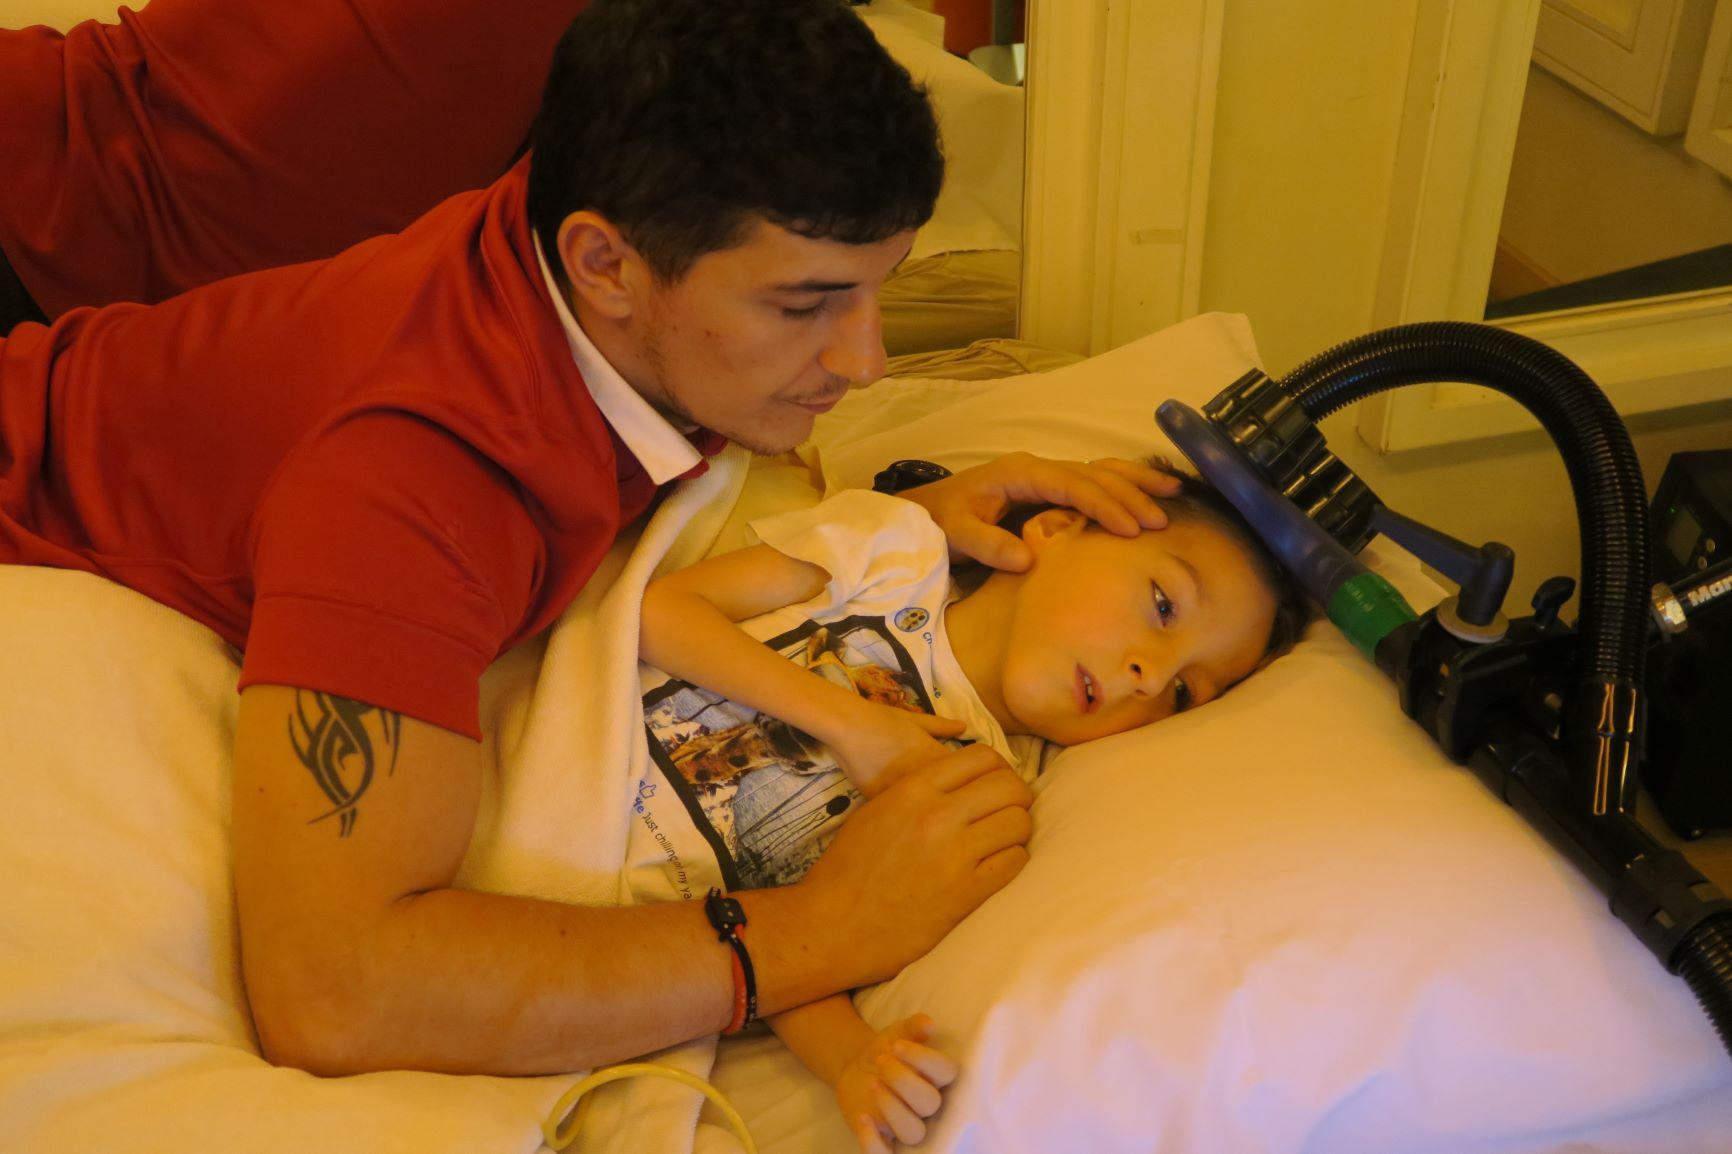 Dziecko z porażeniem mózgowym zauważa poprawę, decyduję się na powrót